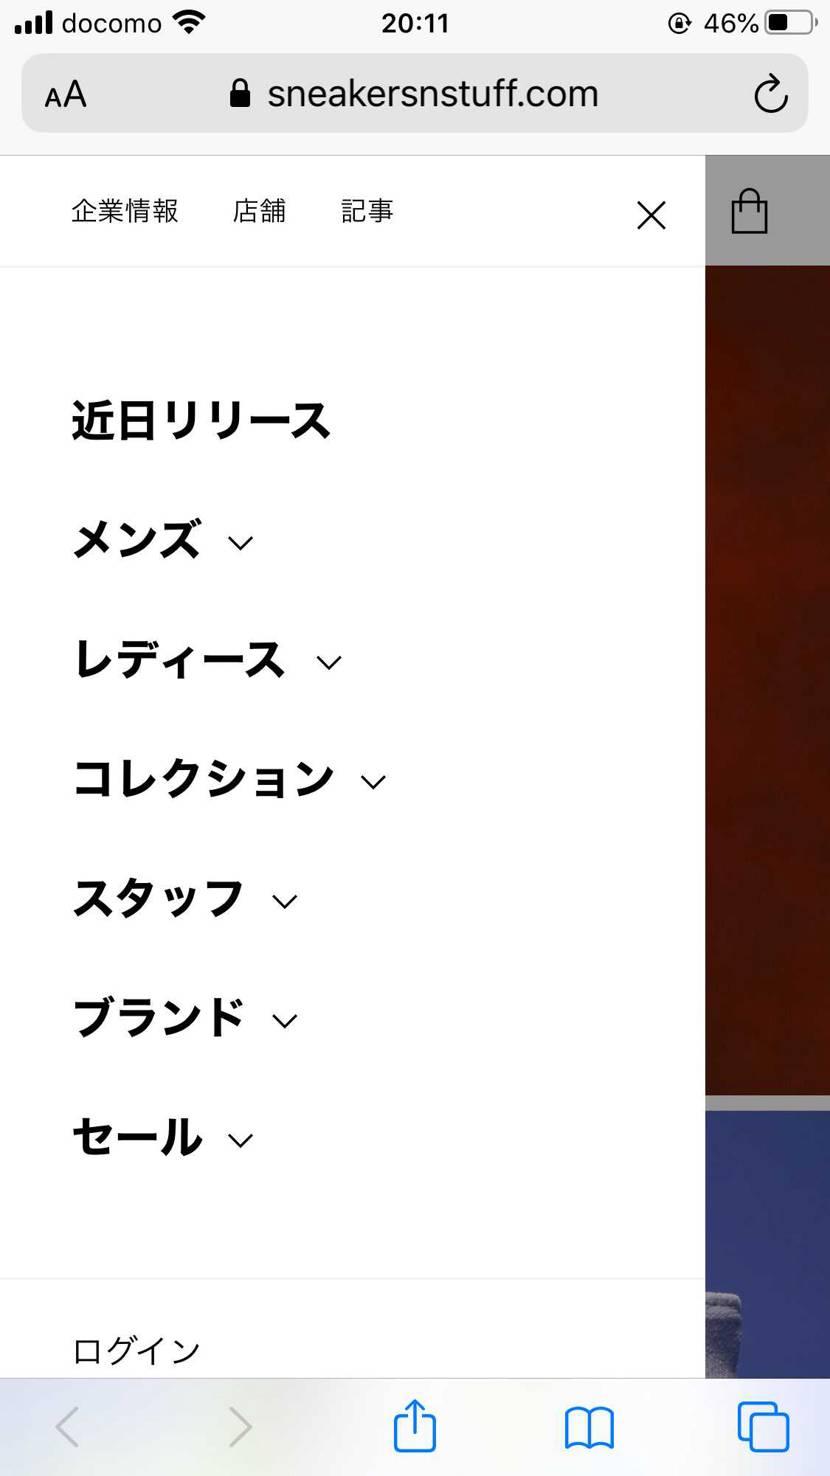 既出だったらすいません SNSが日本語に対応してるー! 来週のオープンが楽し